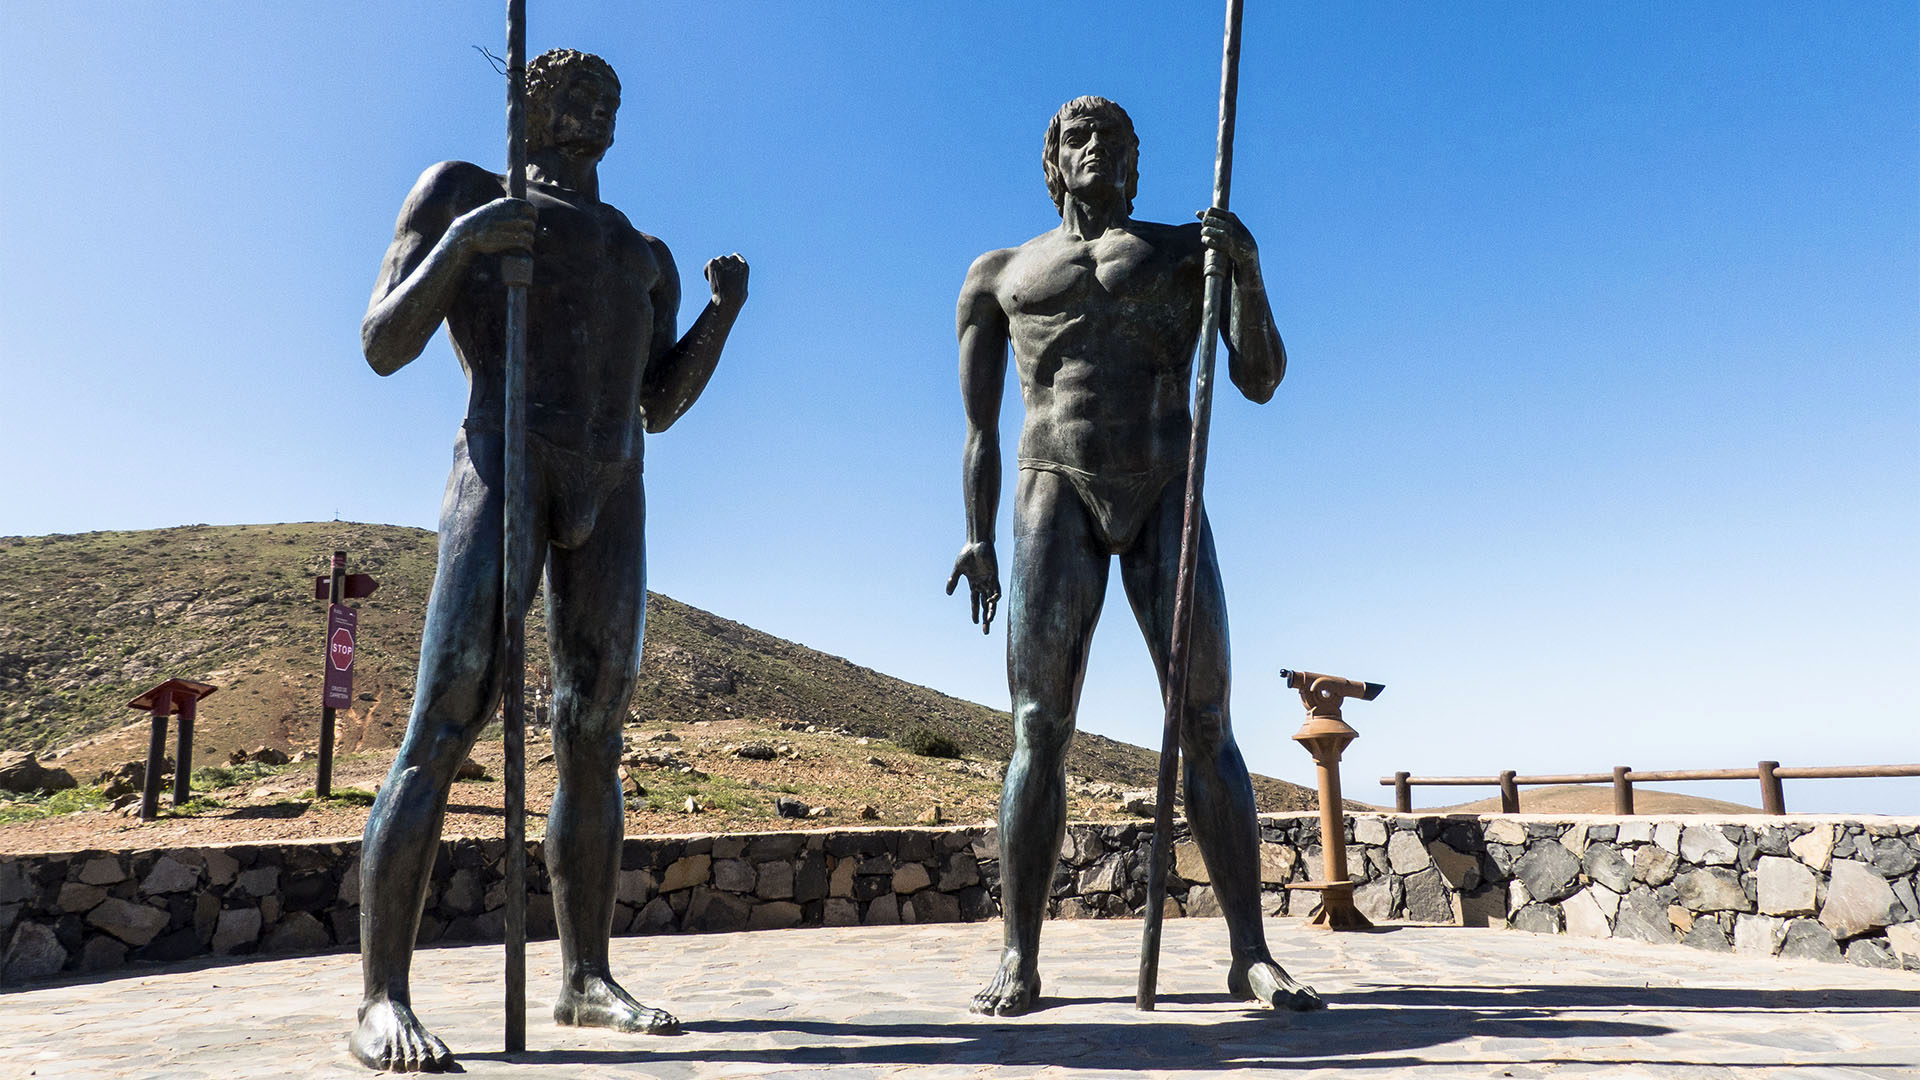 Die Ureinwohner Fuerteventuras – Berber, die mit Römern auf die Insel kamen.